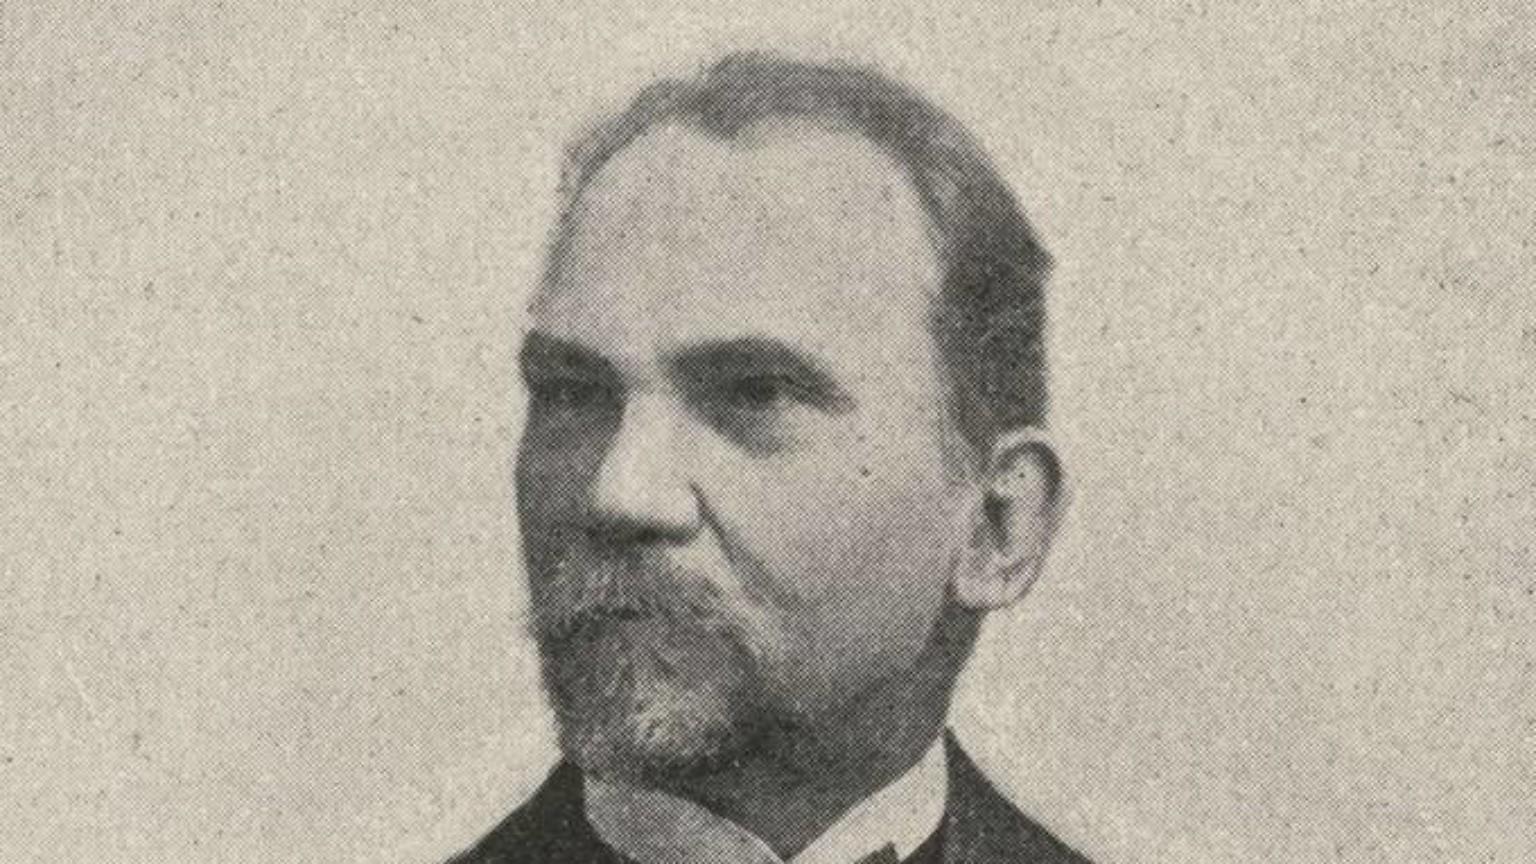 Zdjęcie dla kartki: Śmierć architekta Józefa Piusa Dziekońskiego